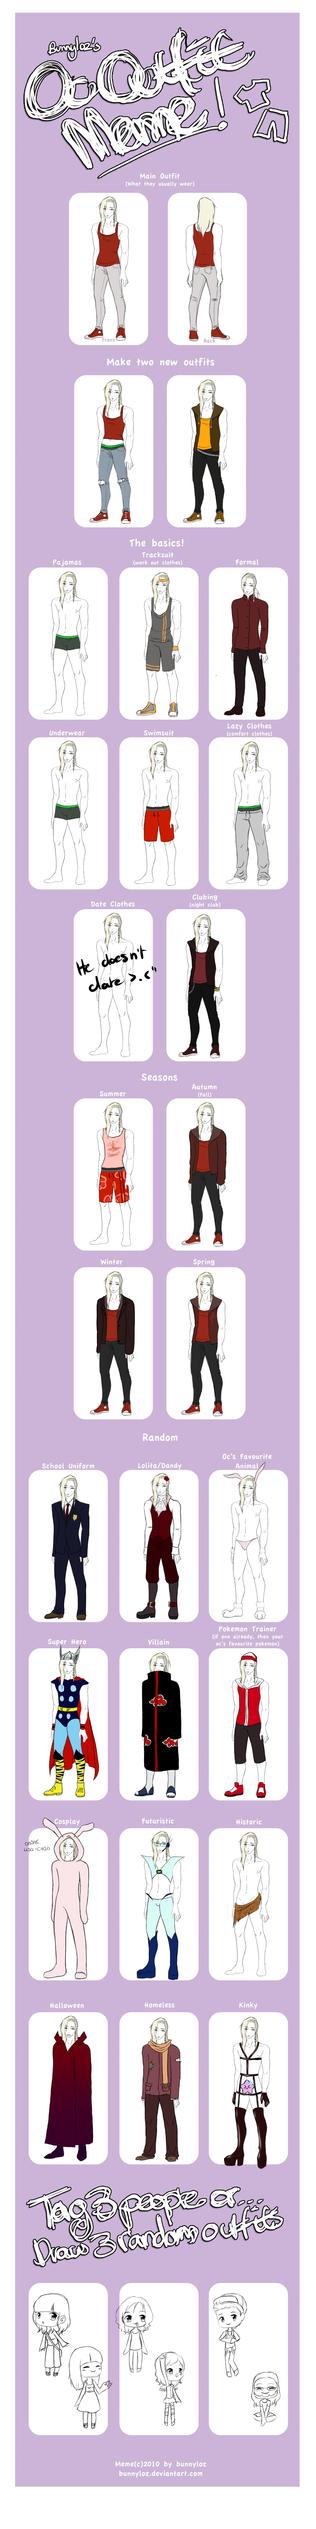 Outfit meme Matthew Scarlett by CookiiMii